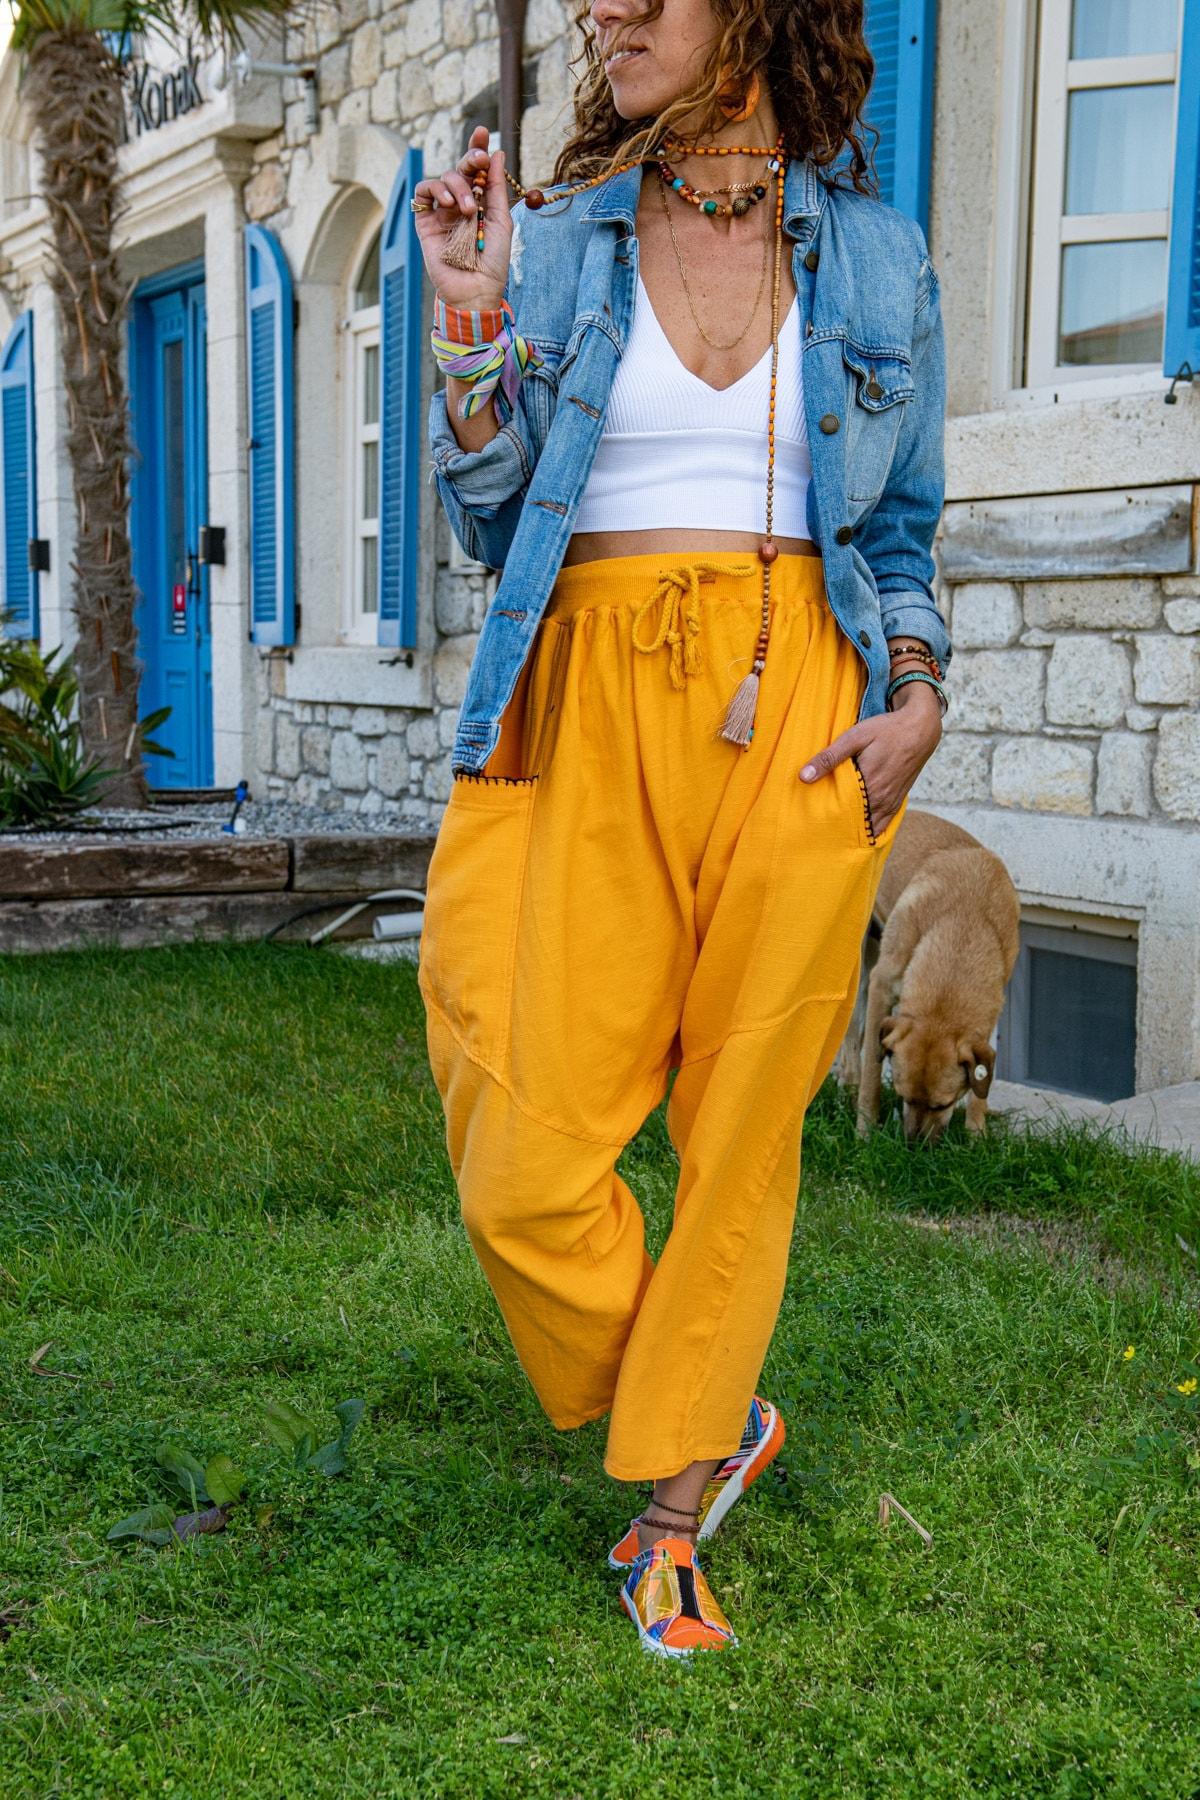 Güneşkızı Kadın Turuncu Yıkamalı Keten Beli Lastikli Salaş Şalvar Pantolon GK-RSD2027 1